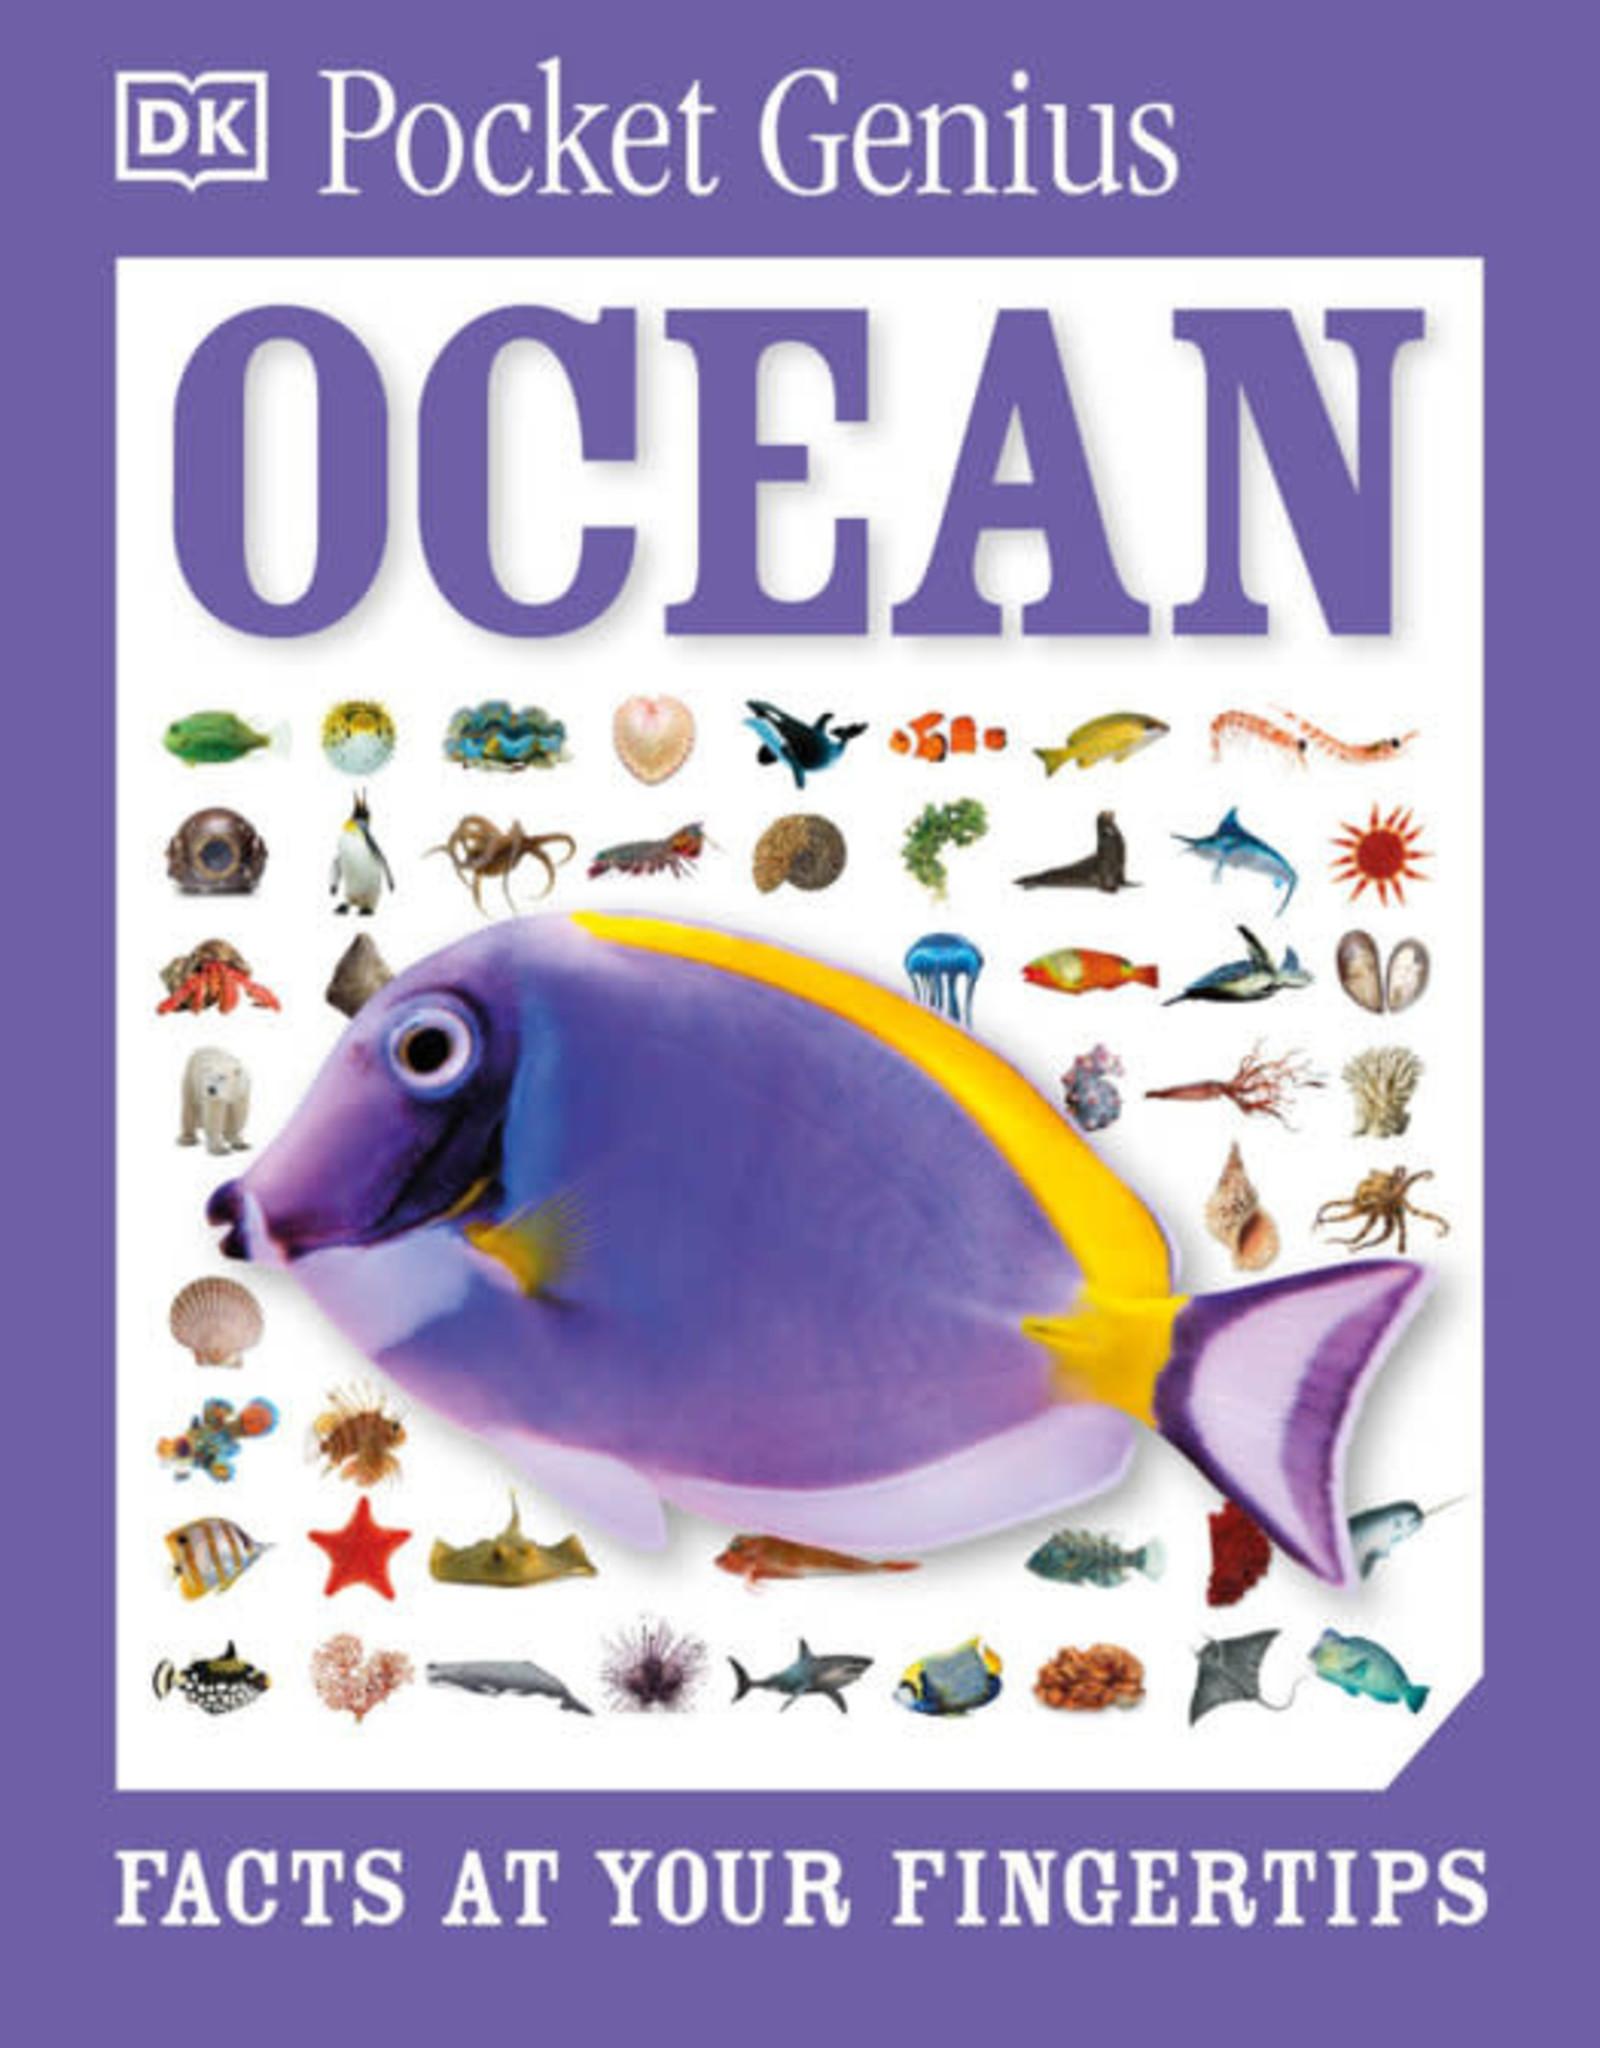 DK Pocket Genius Ocean